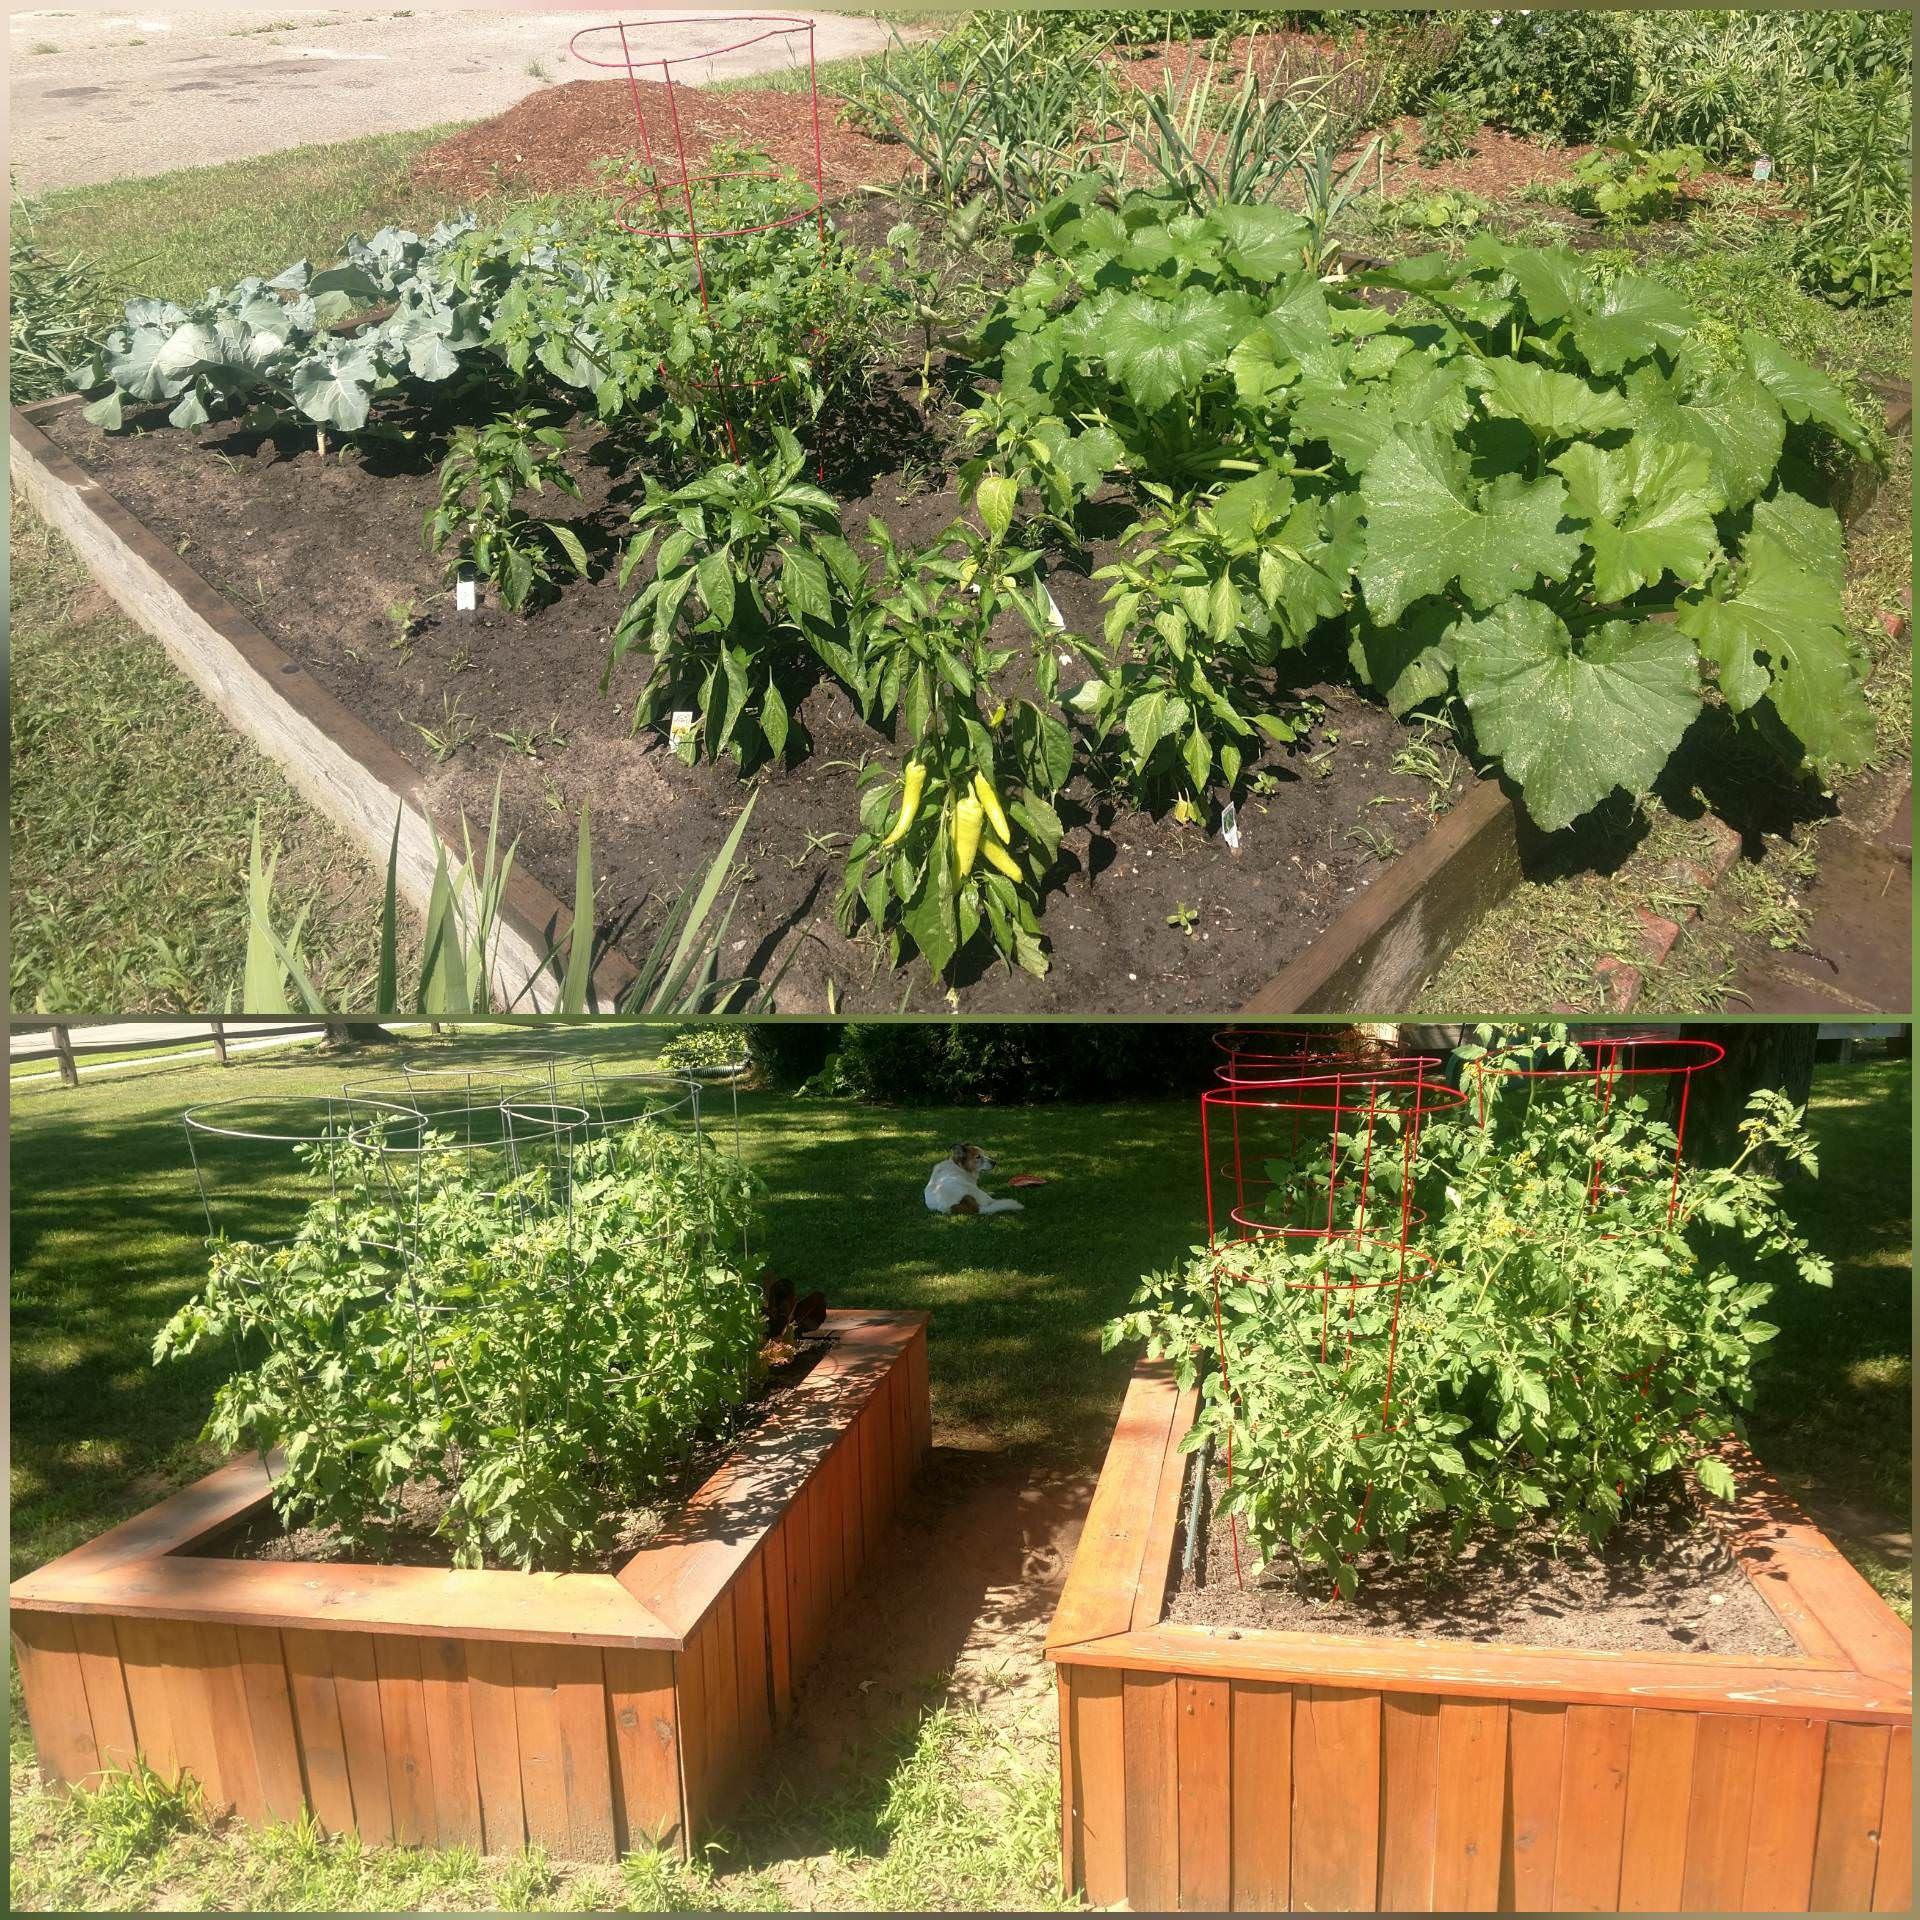 Nothing Extraordinary But Still My Favorite Part Of Summer #Gardening